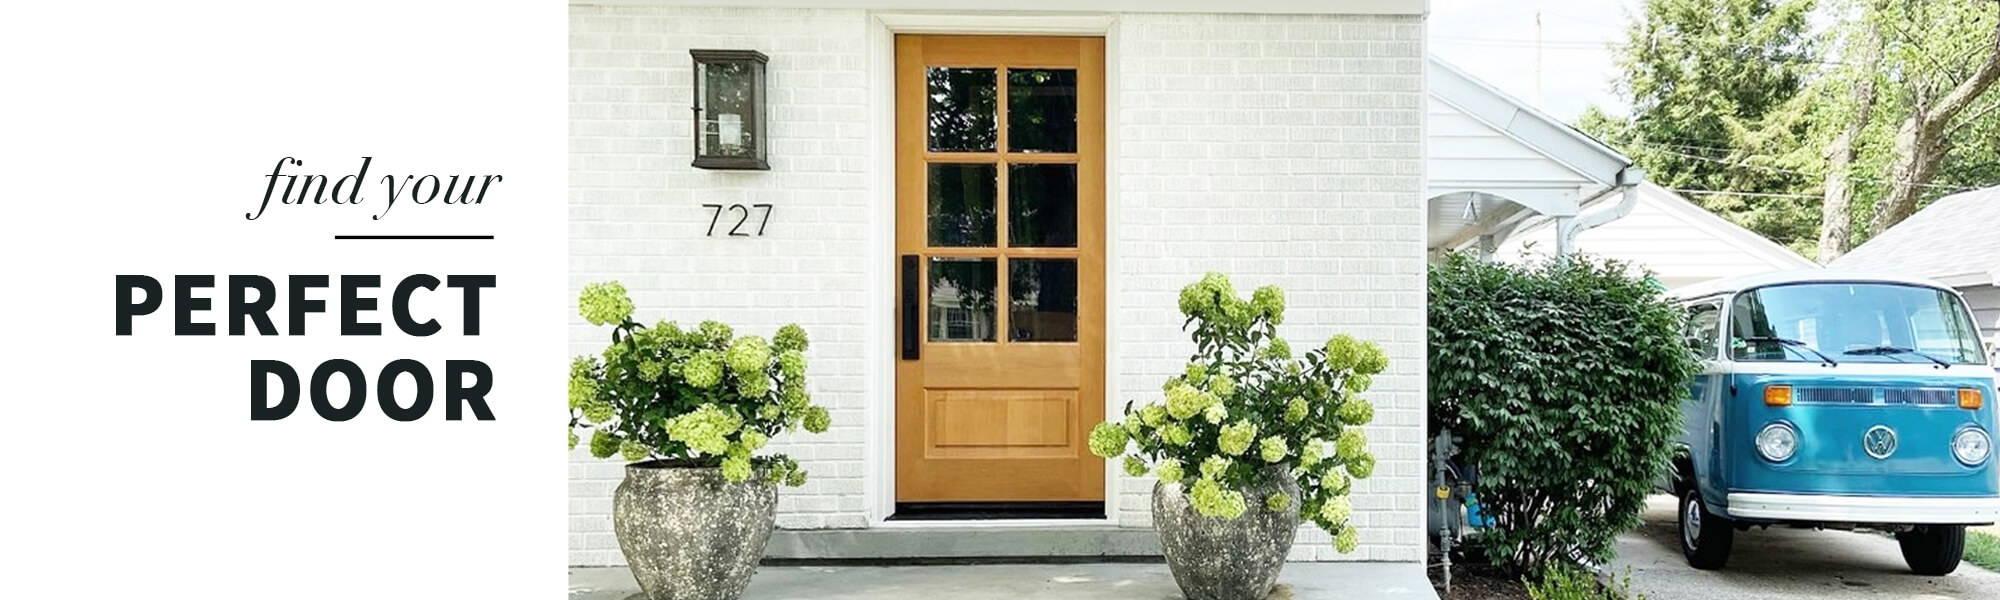 Knotty alder front exterior door